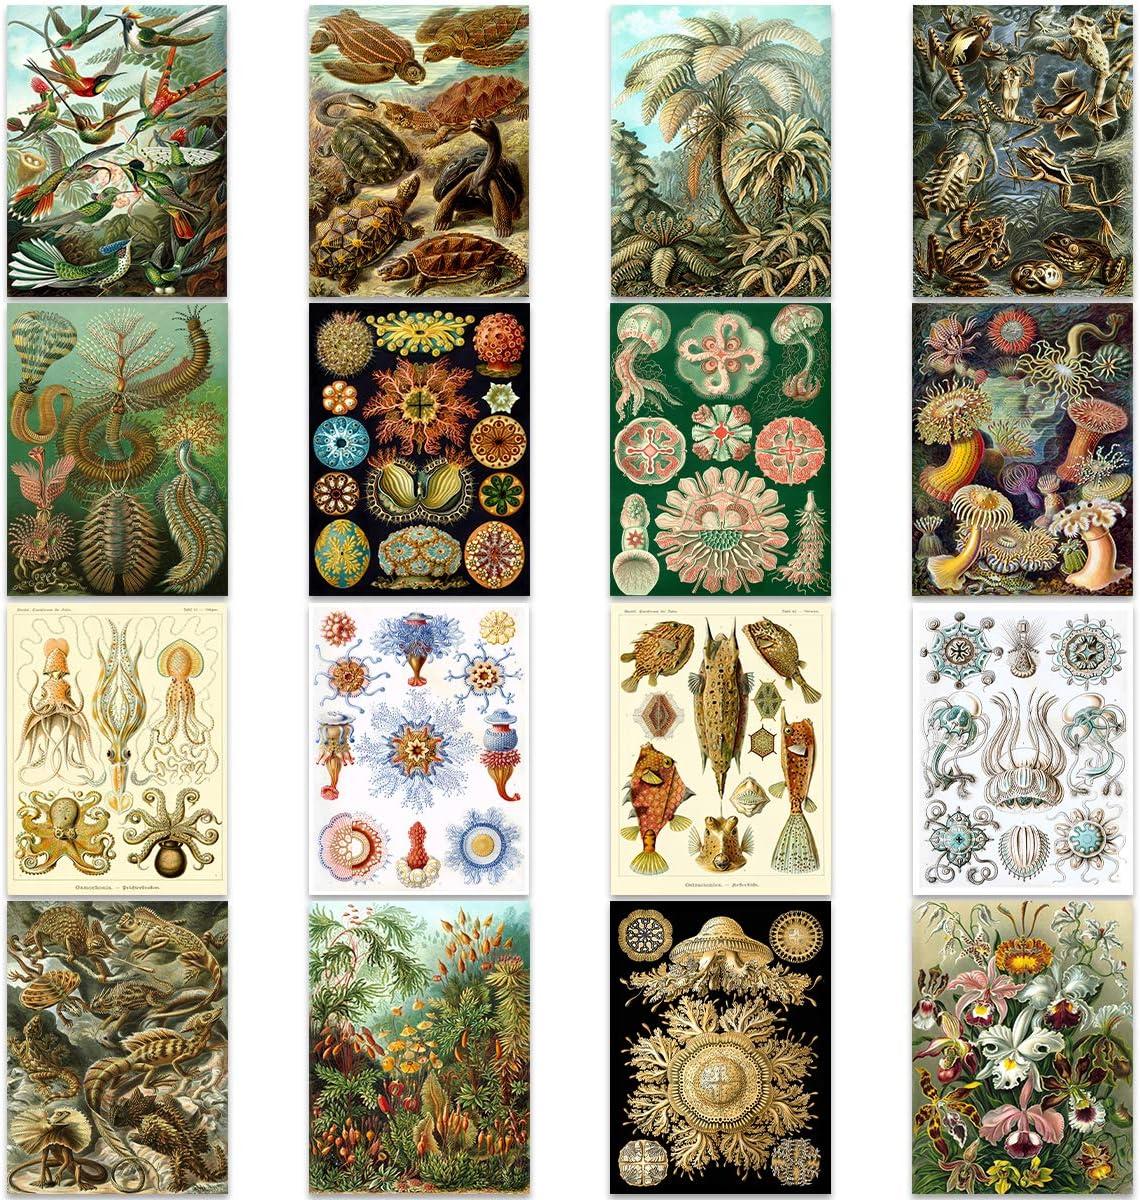 Ernst Haeckel Kunstformen Der Natur Nature Biology Wall Art Poster Pack of 16